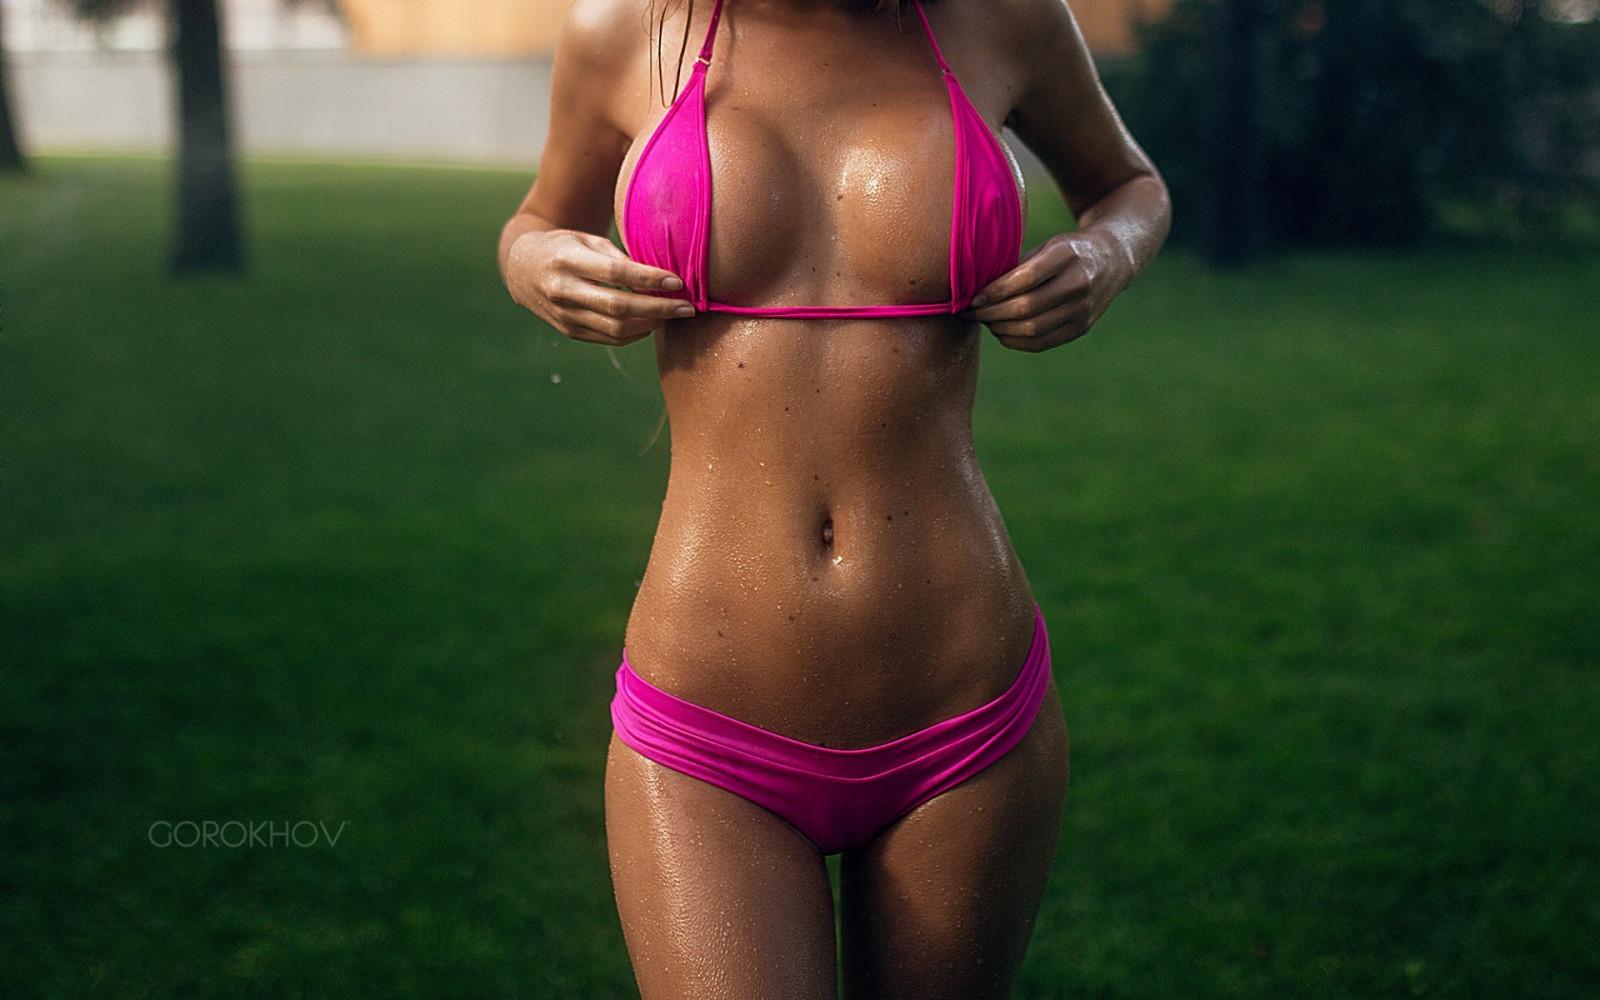 Самые красивые тела телки, Порно онлайн: Красивое тело - смотреть бесплатно 9 фотография